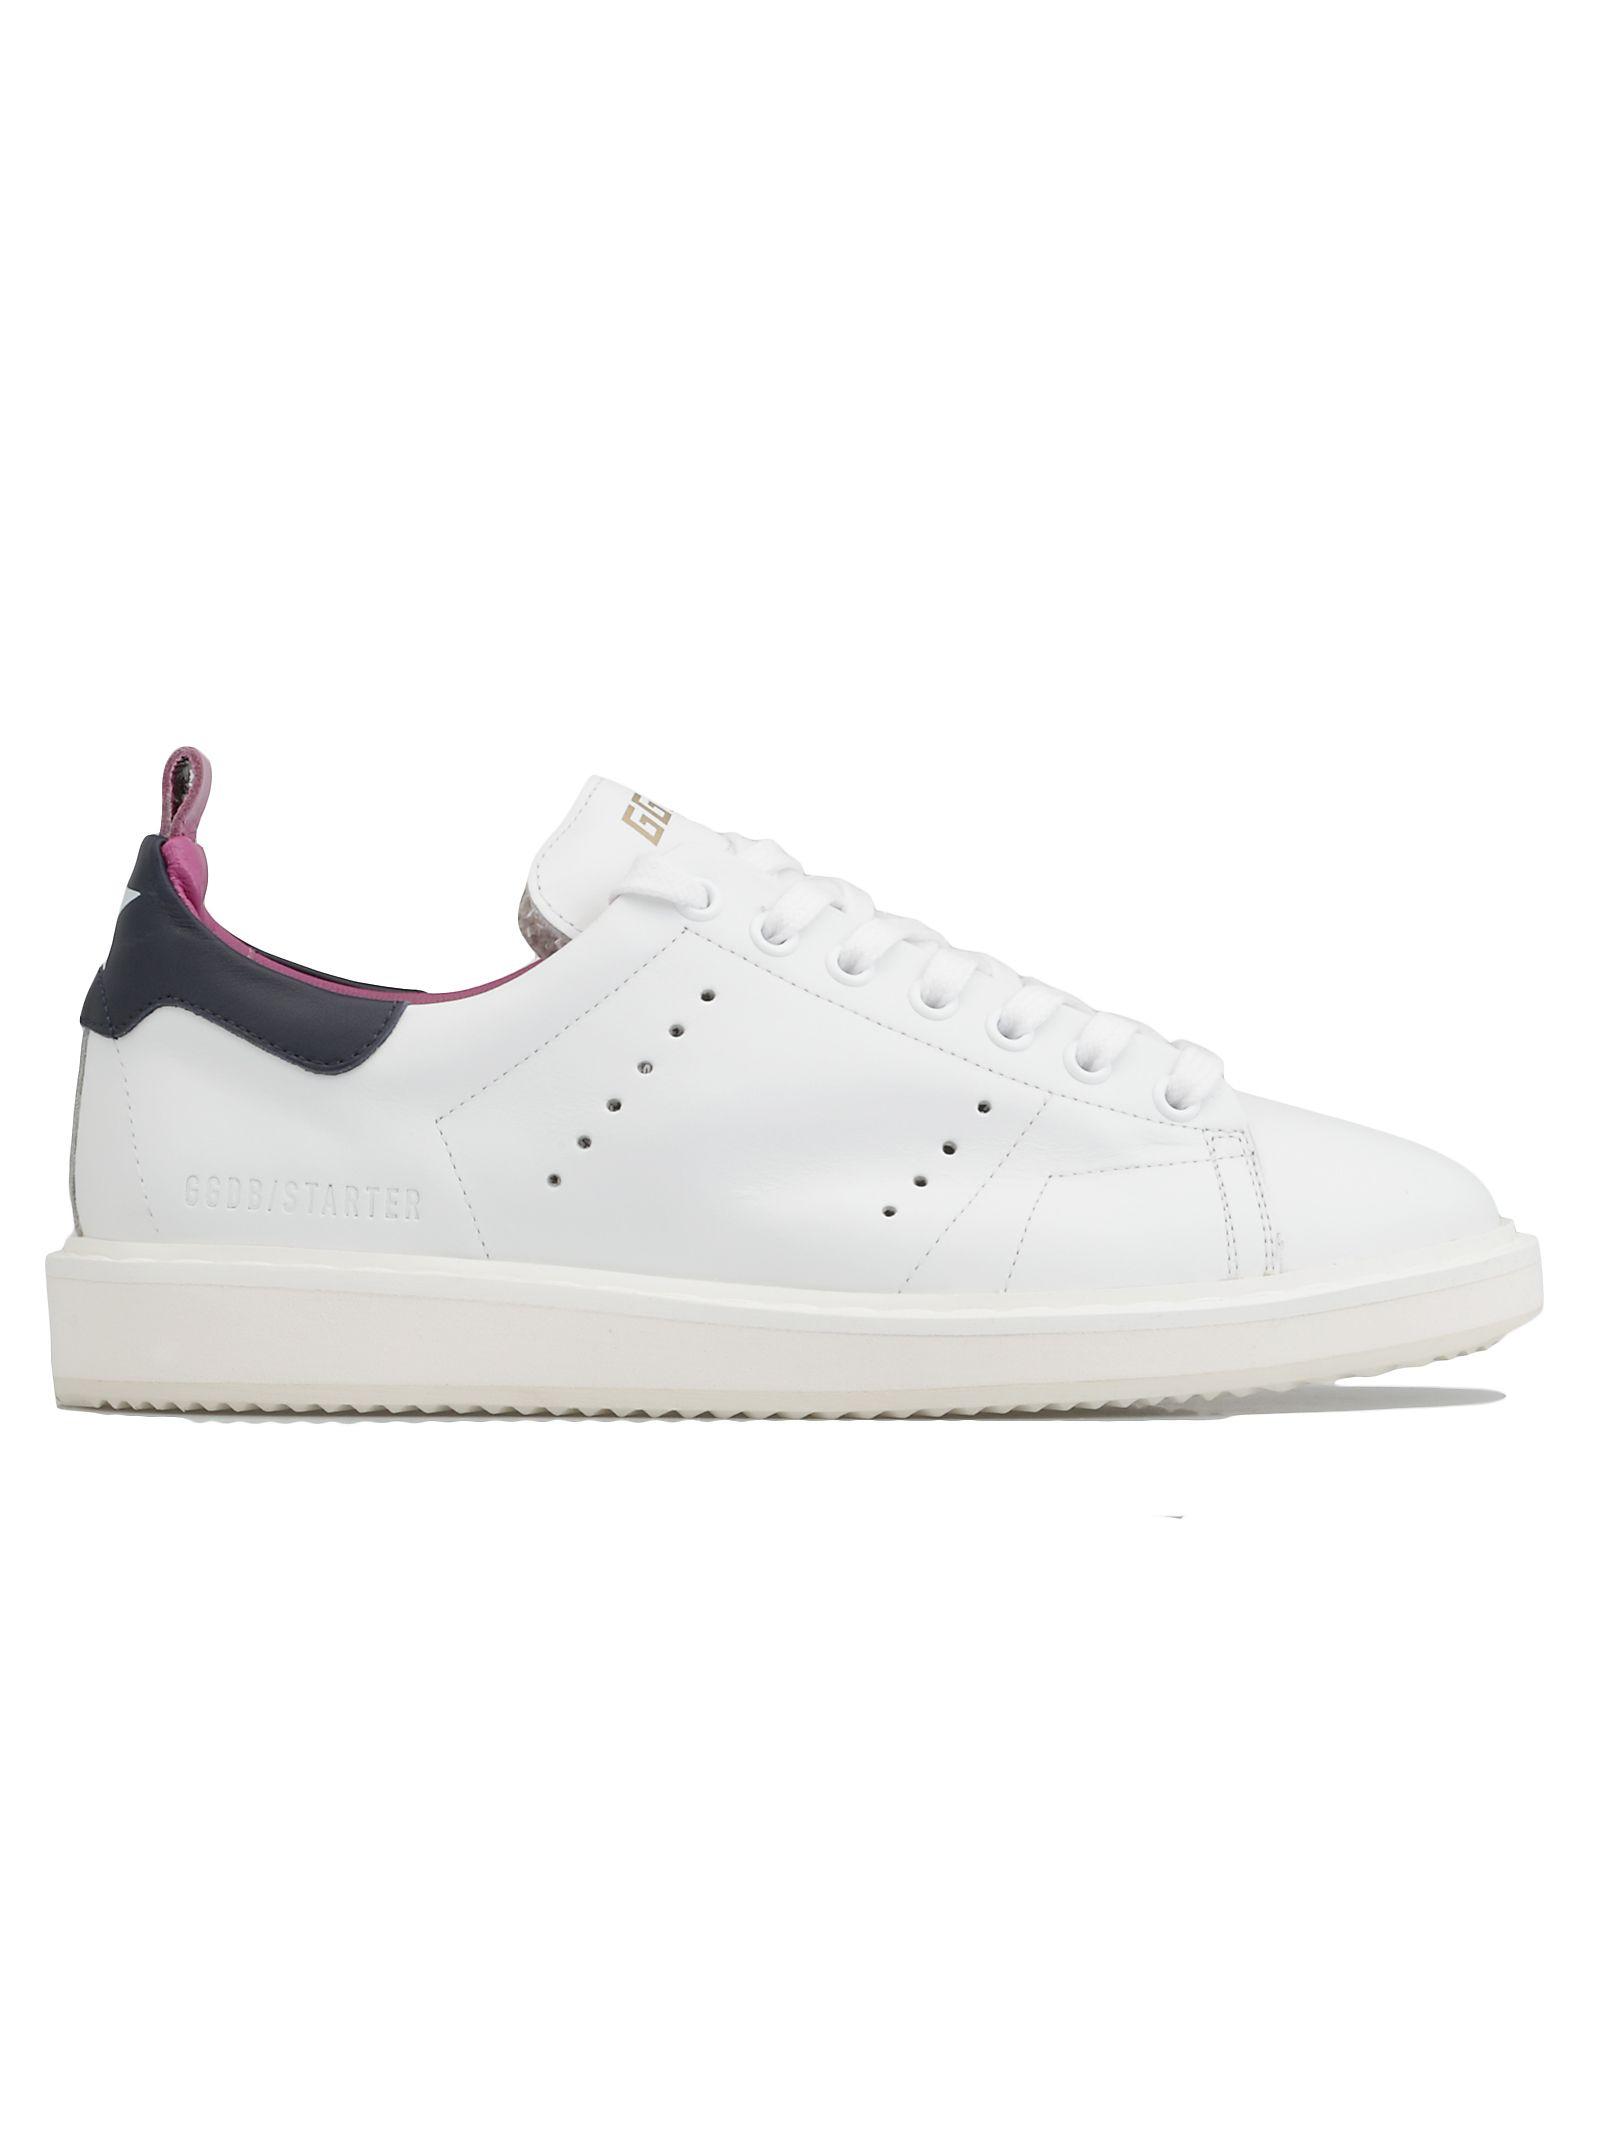 Starter Sneaker in White Leather-Purple Blue